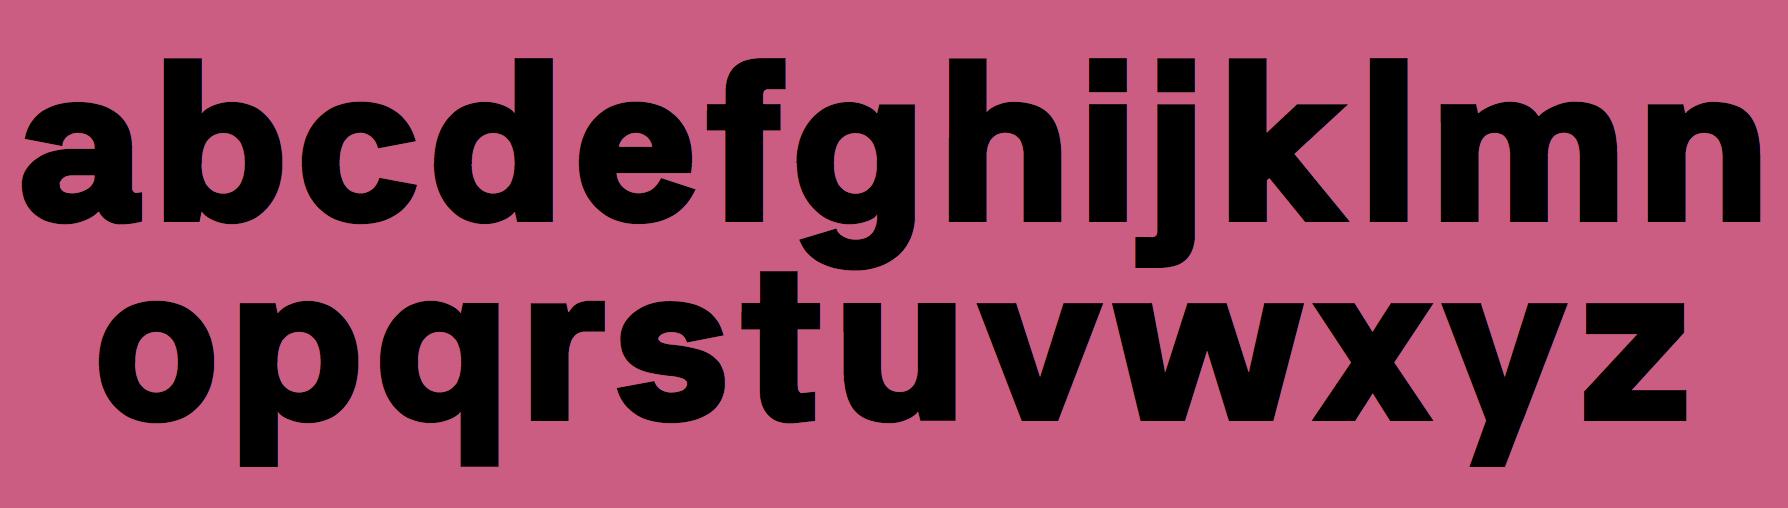 Neubau Berlin (or: NB Typography, or: Neubau Laden)